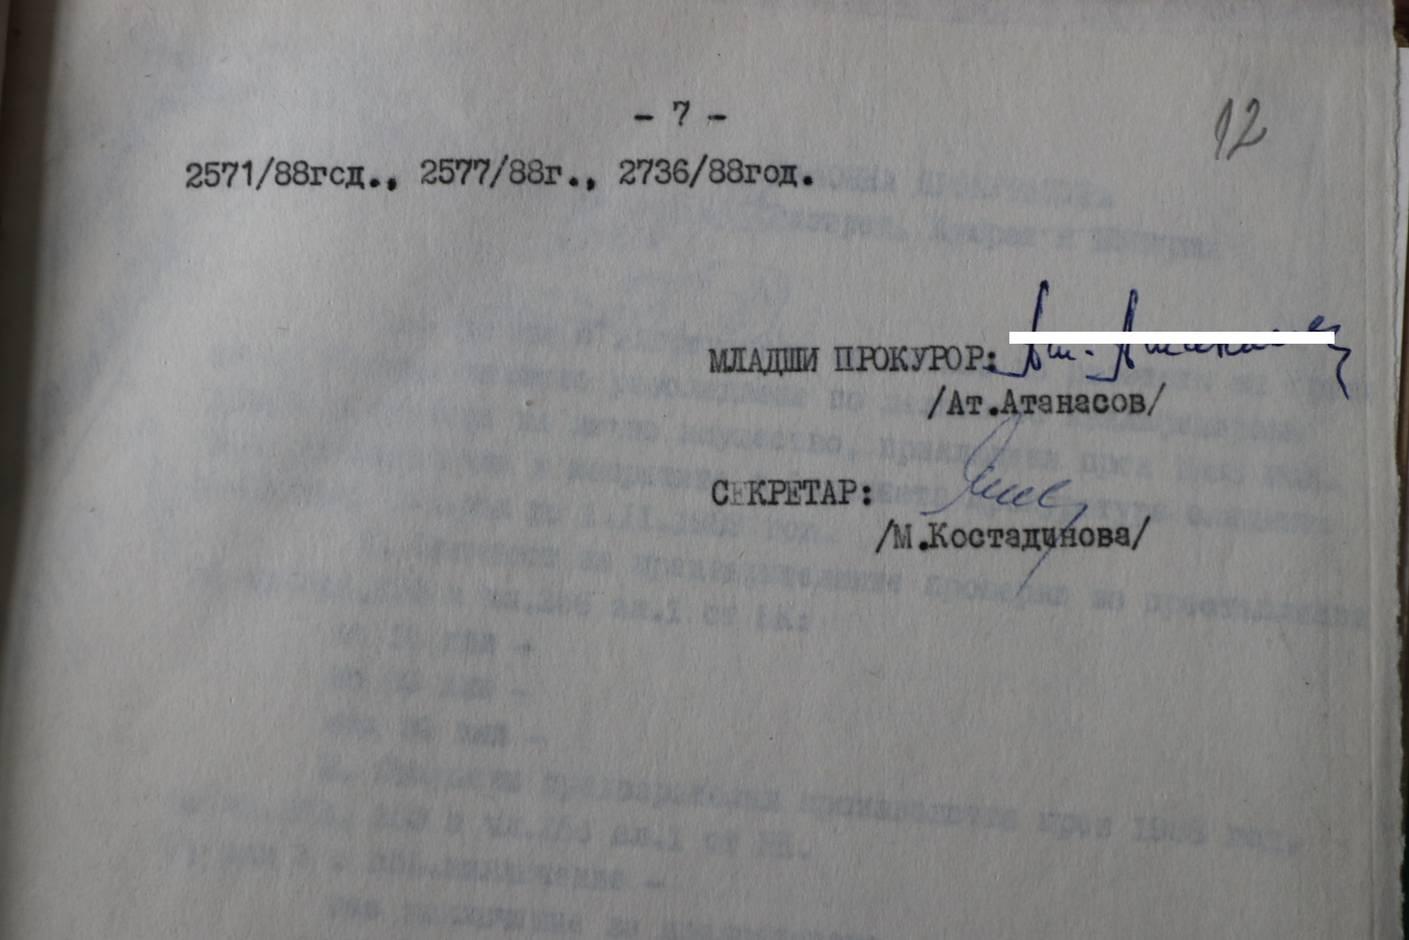 Подписът на Атанас Атанасов, който присъства под десетки документи документи на РП-Разград през 1989 г.